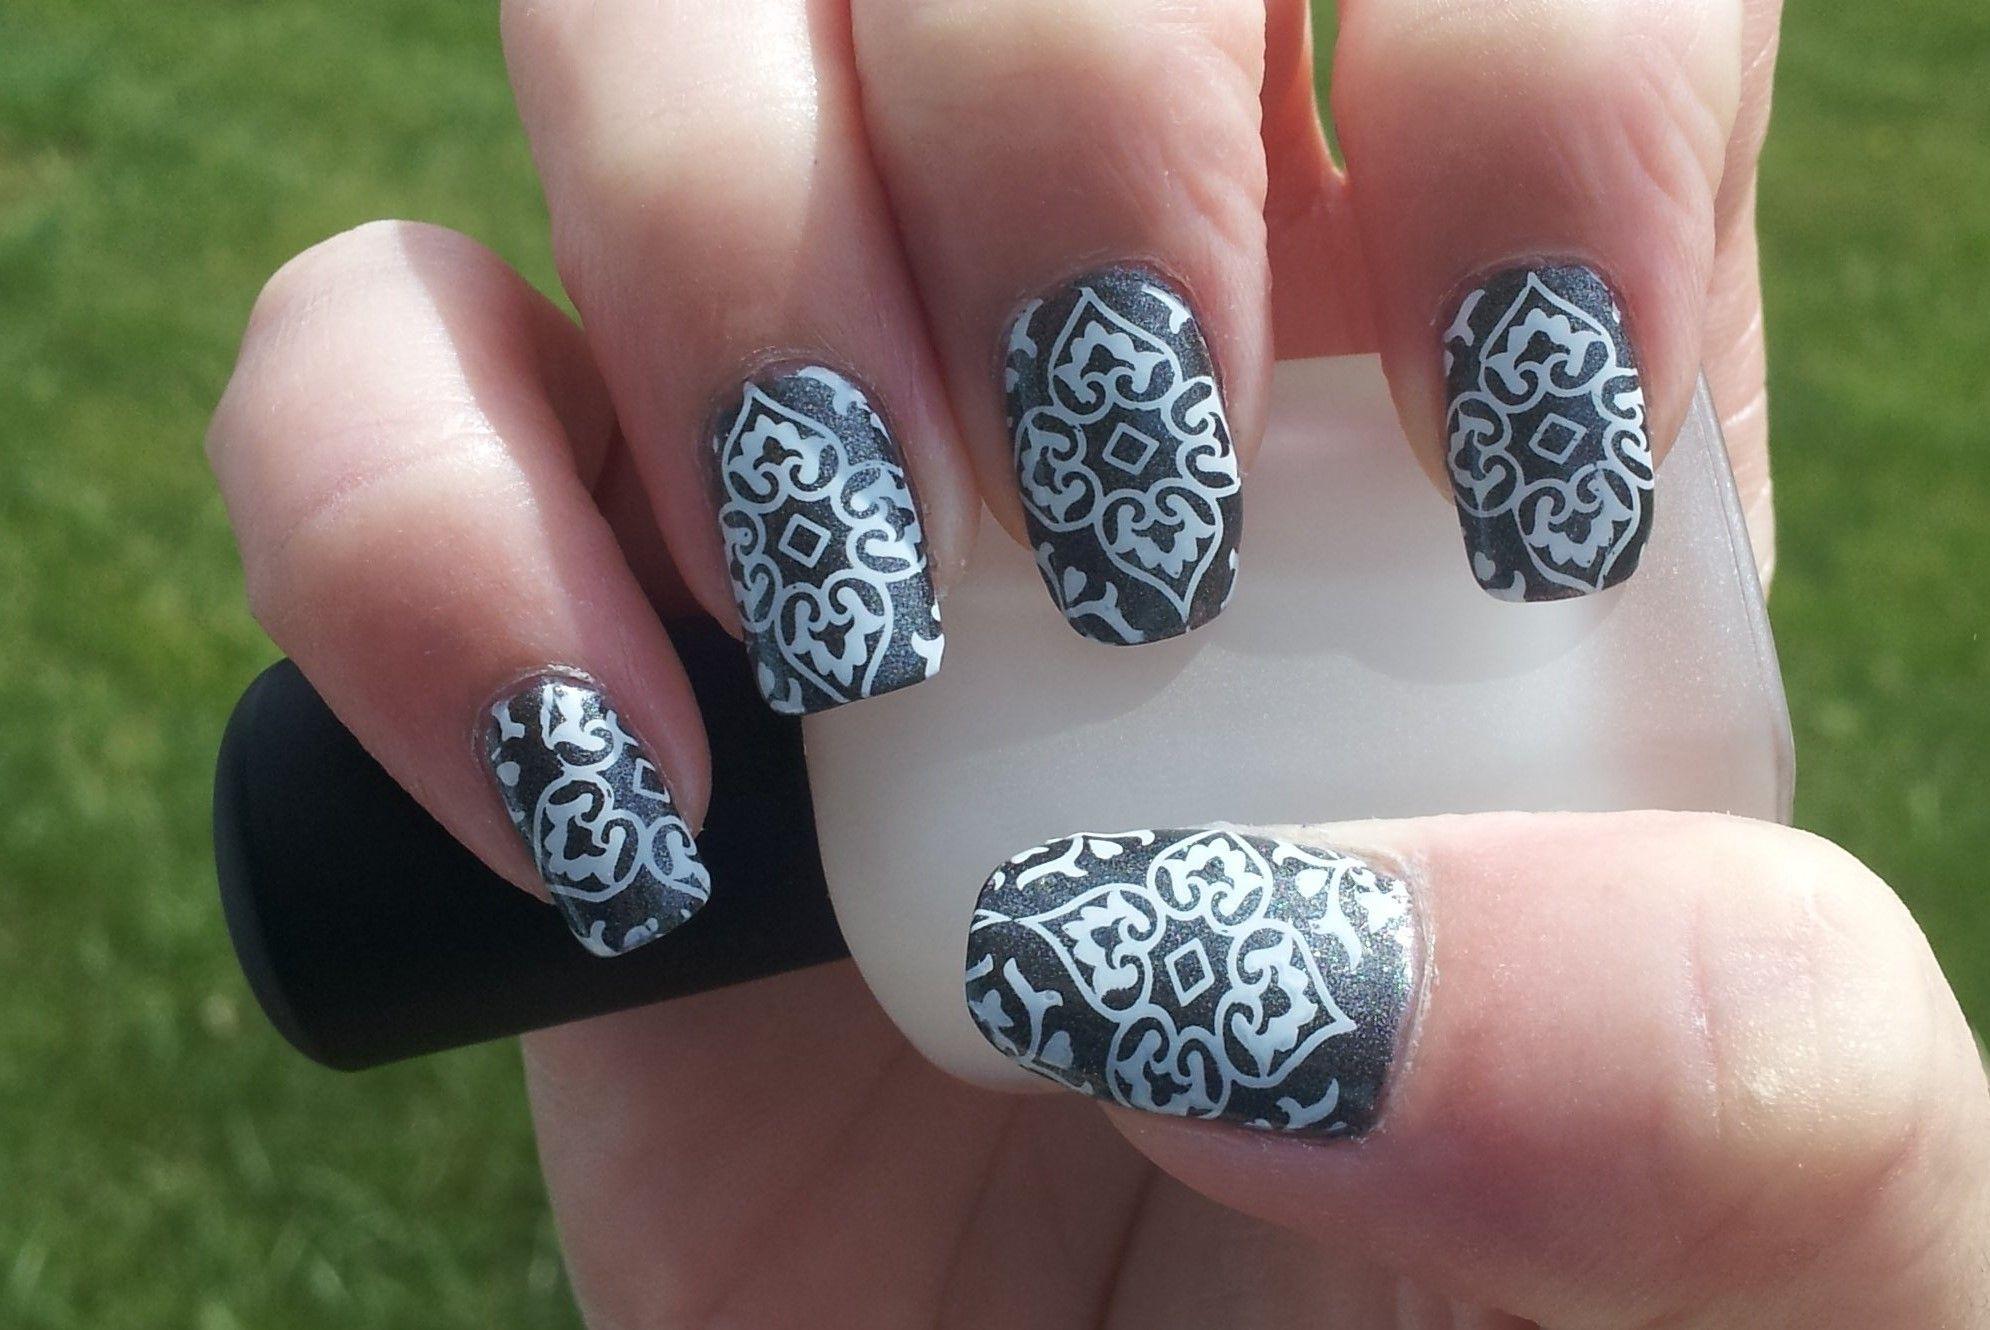 Nail Art - Stamping, Polish: Zoya - Loredana, Stamp: Cheeky Jumbo ...